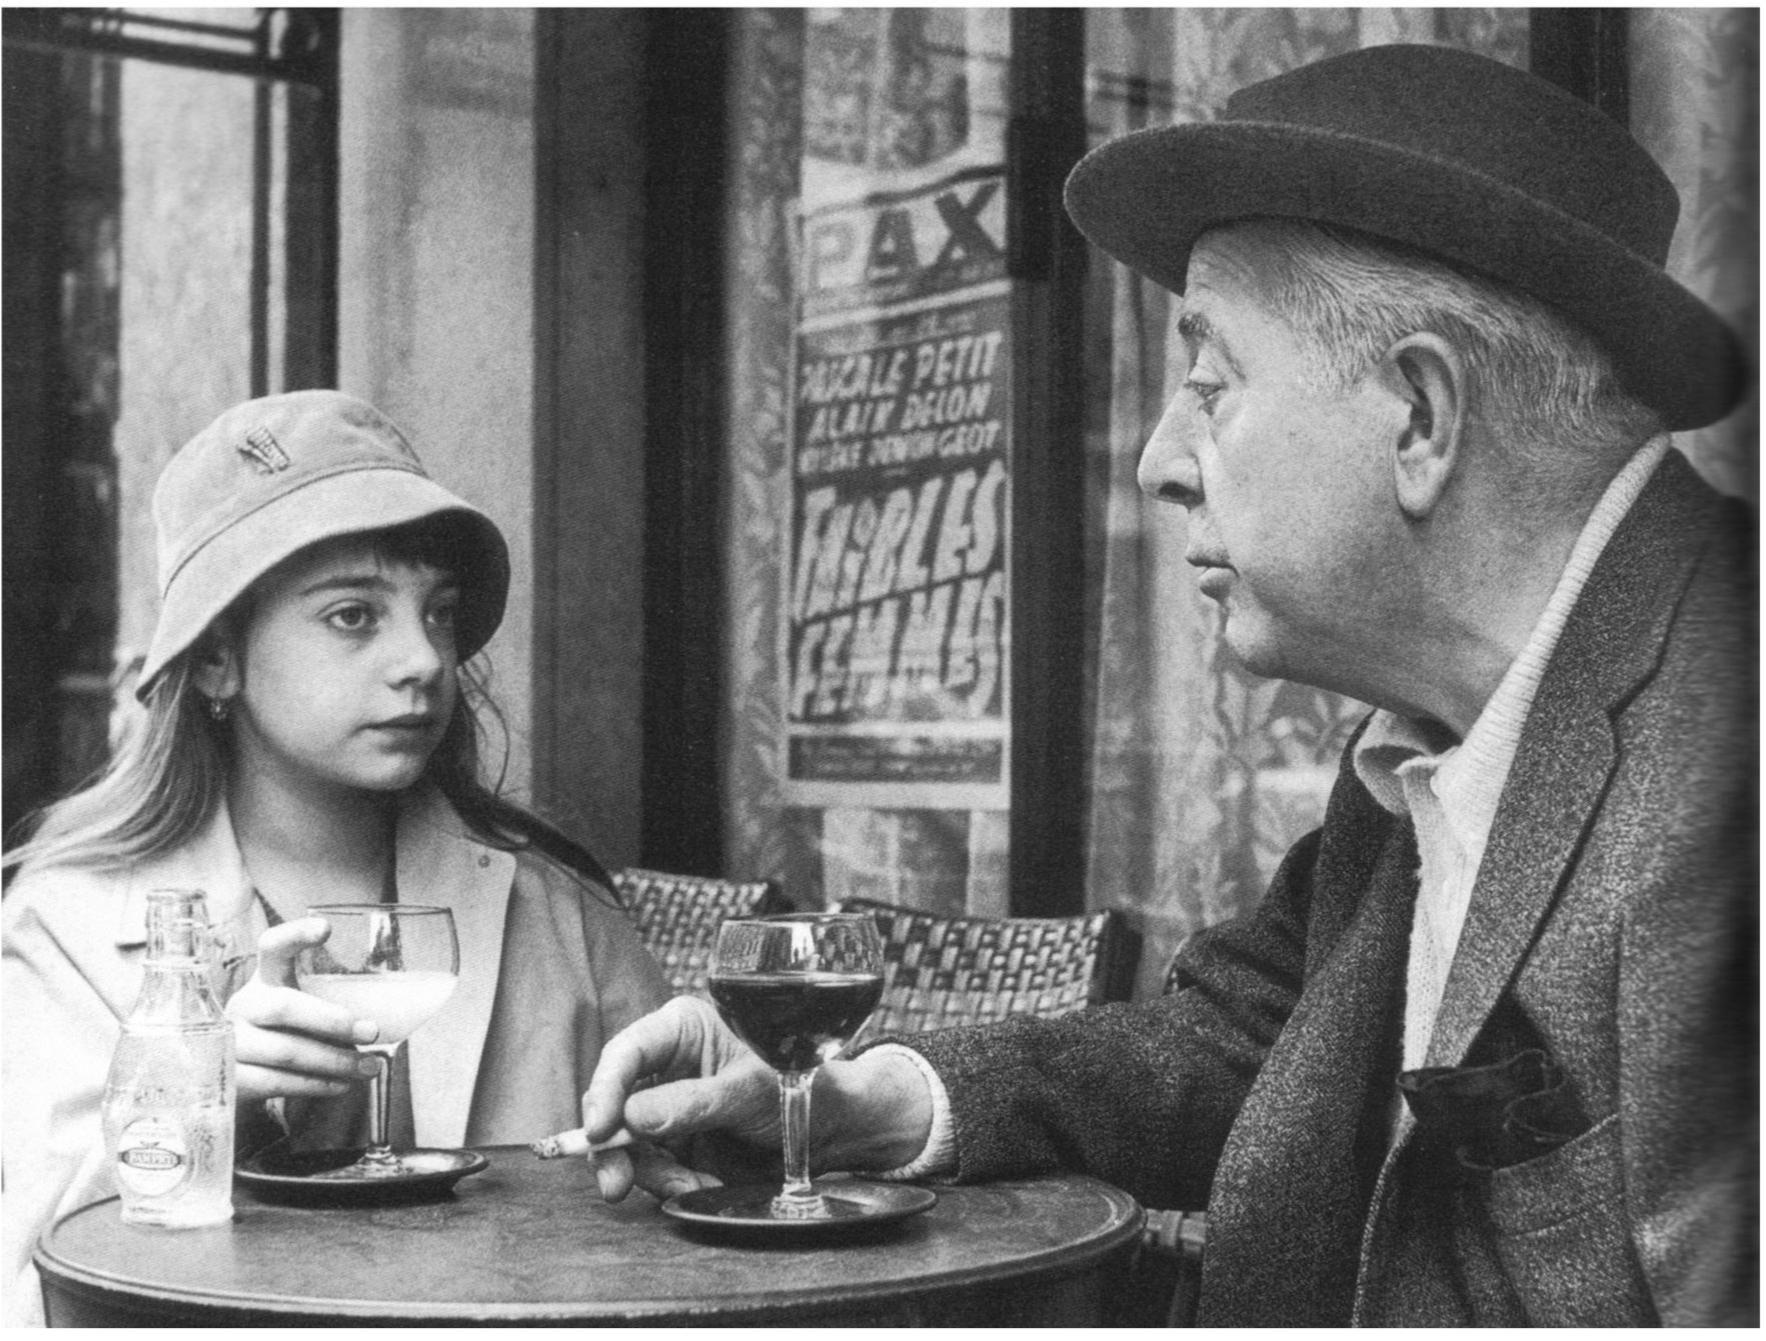 Paris 1950s